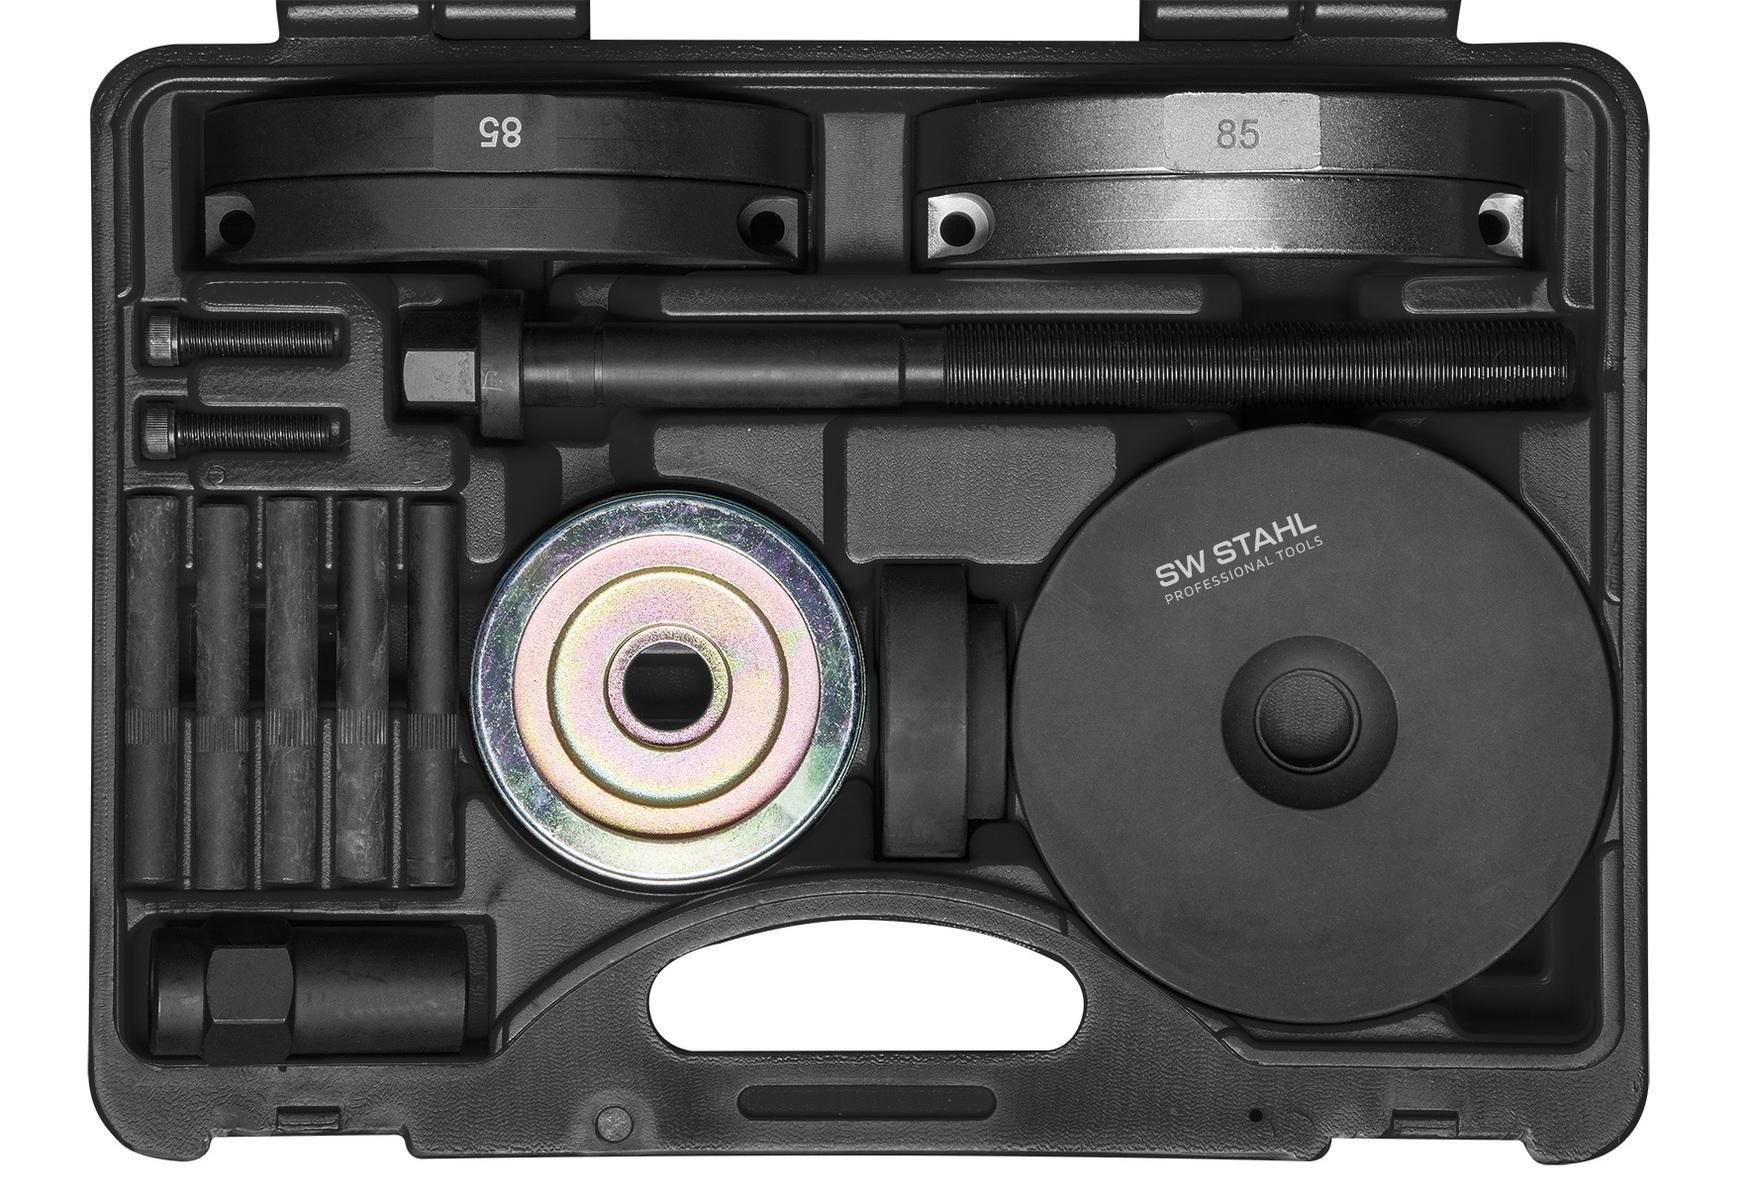 Stahovák pro montáž a demontáž náboje a ložiska kola VW T5, T6 a Touareg - SW Stahl